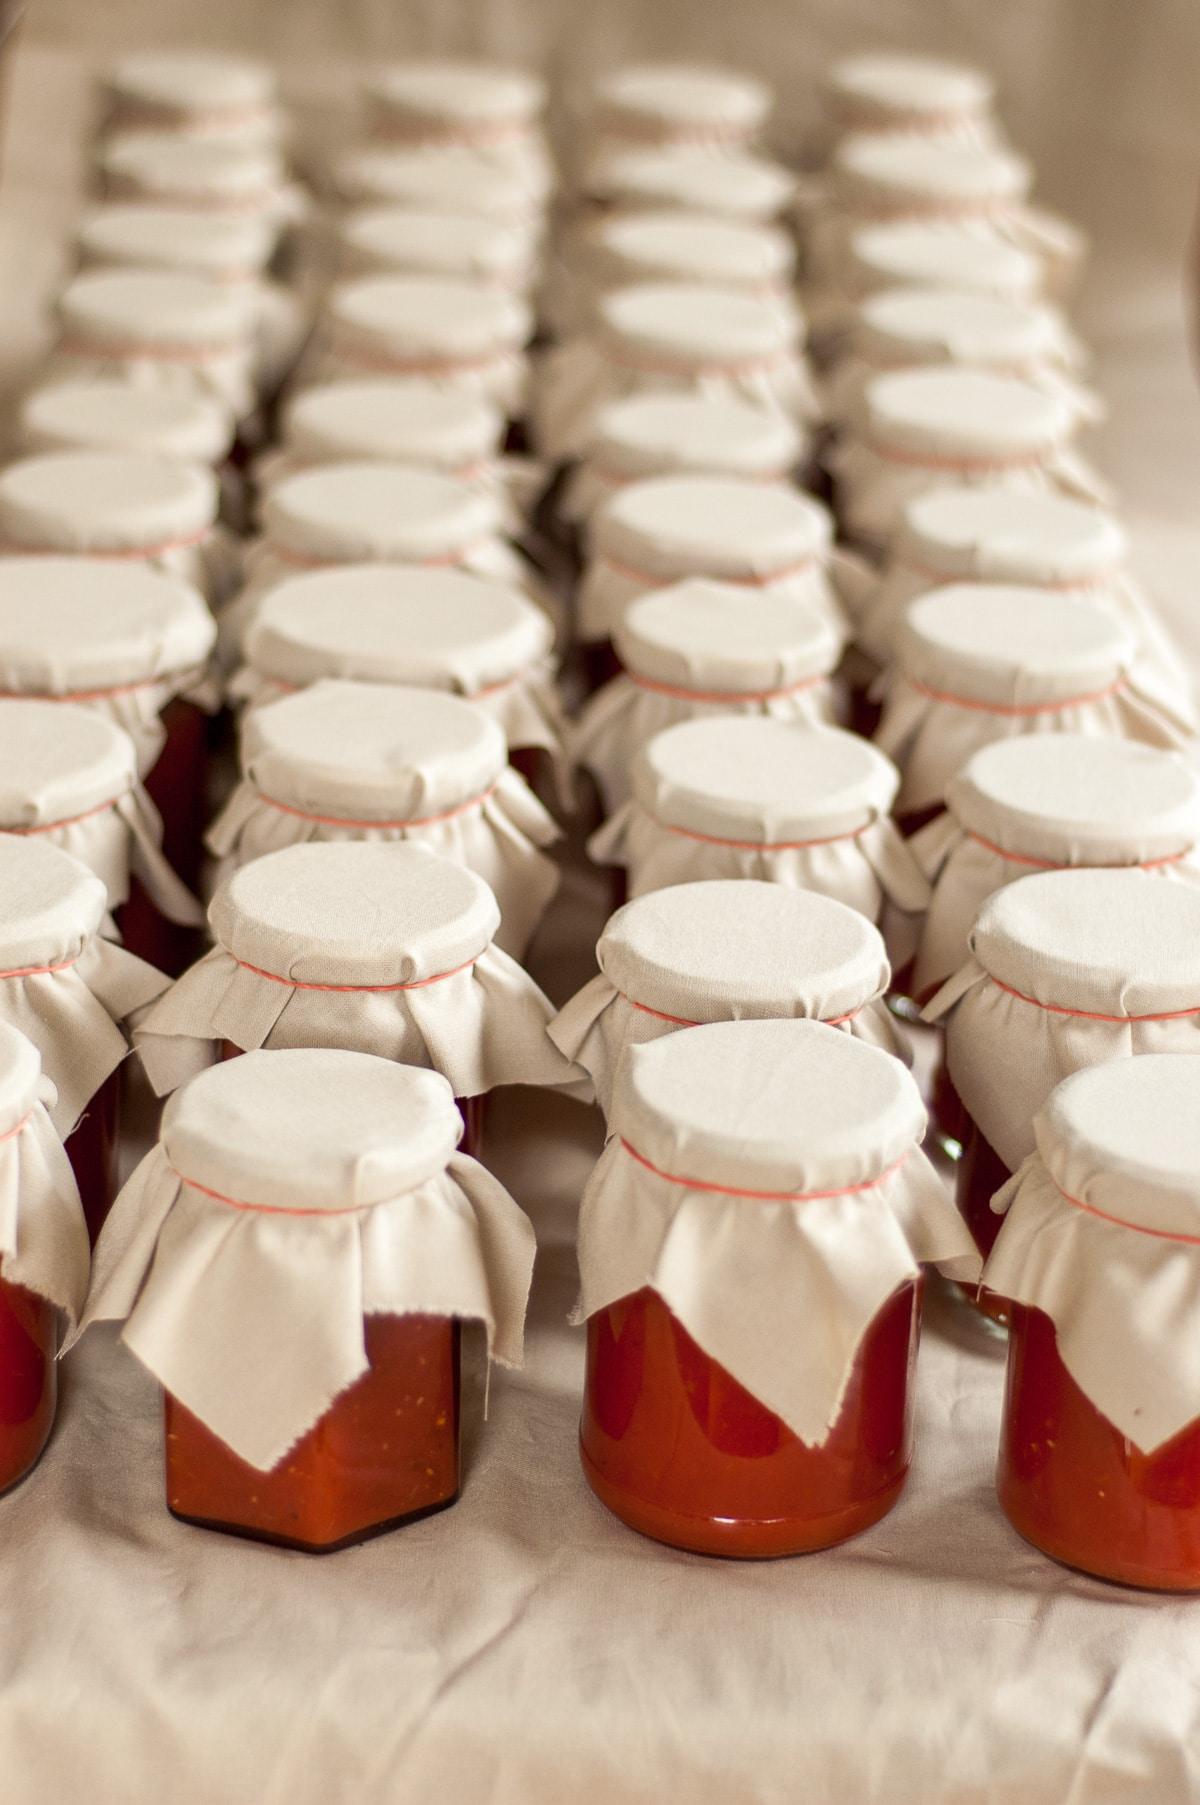 cztery rzędy słoików z przecierem pomidorowym po dziesięć w każdym rzędzie